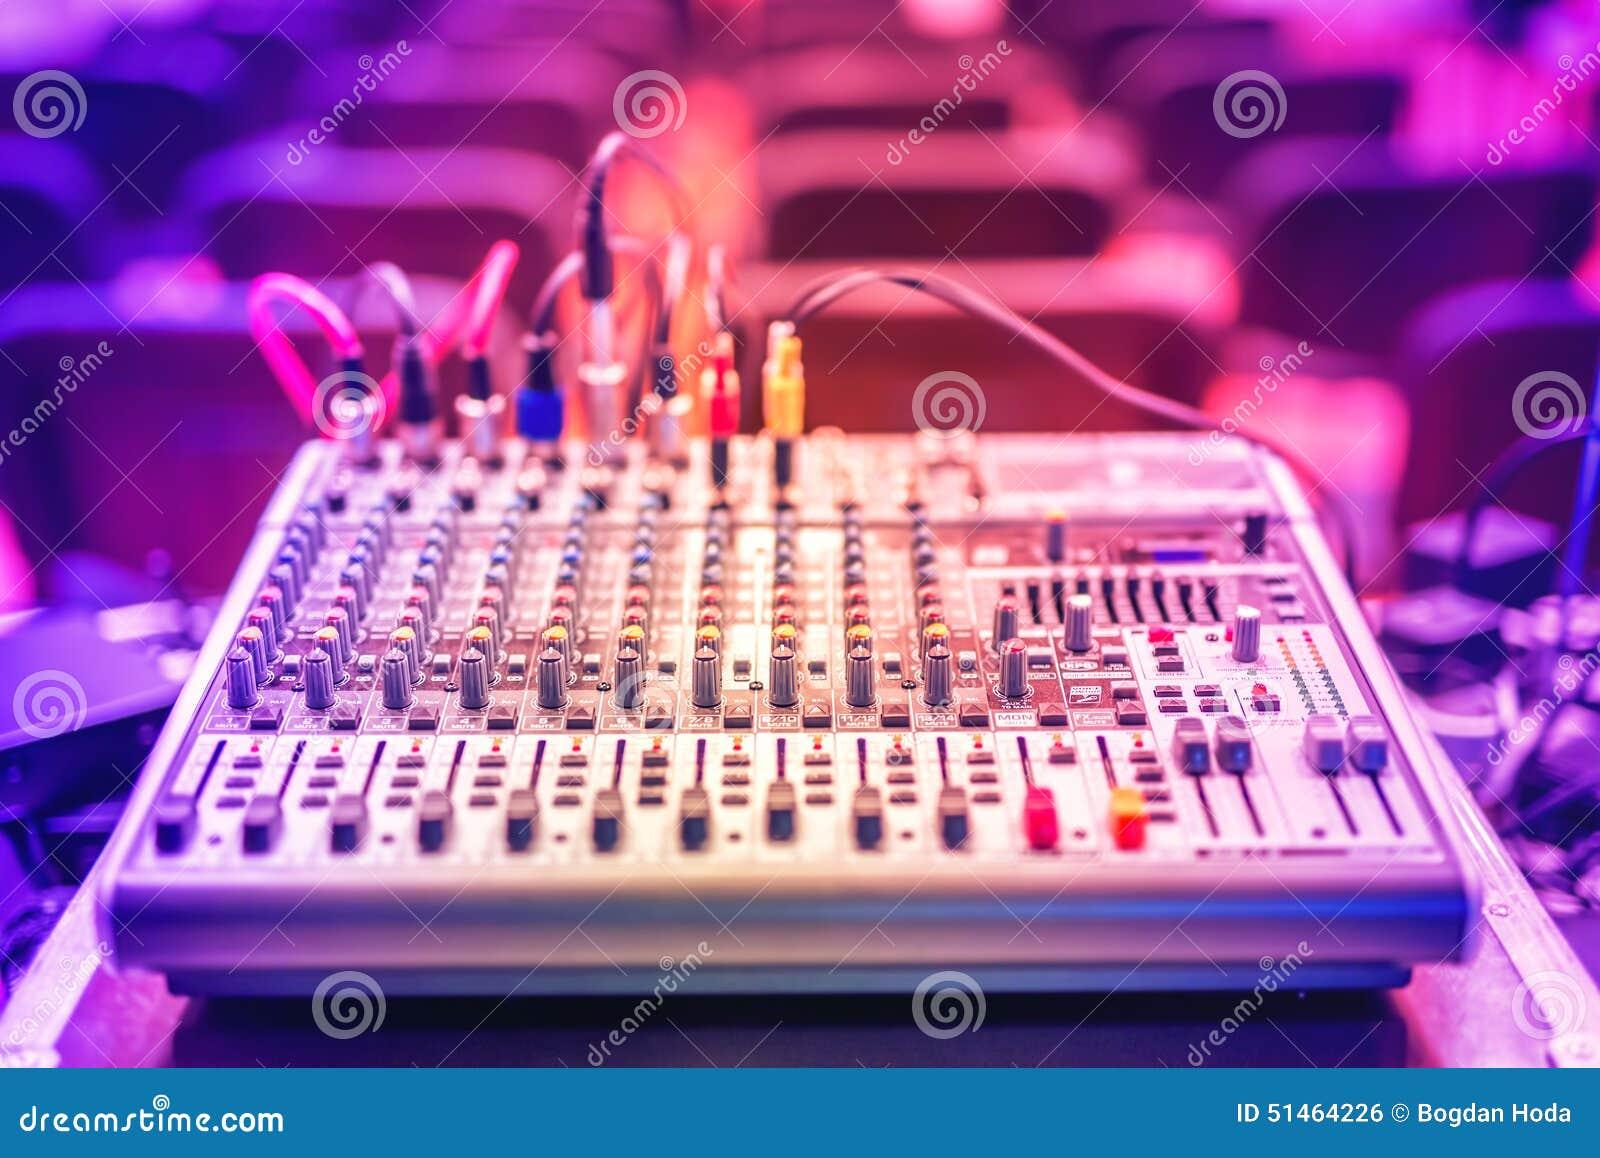 音频音乐搅拌器和声音调平器、dj设备和夜总会辅助部件在党在现代城市